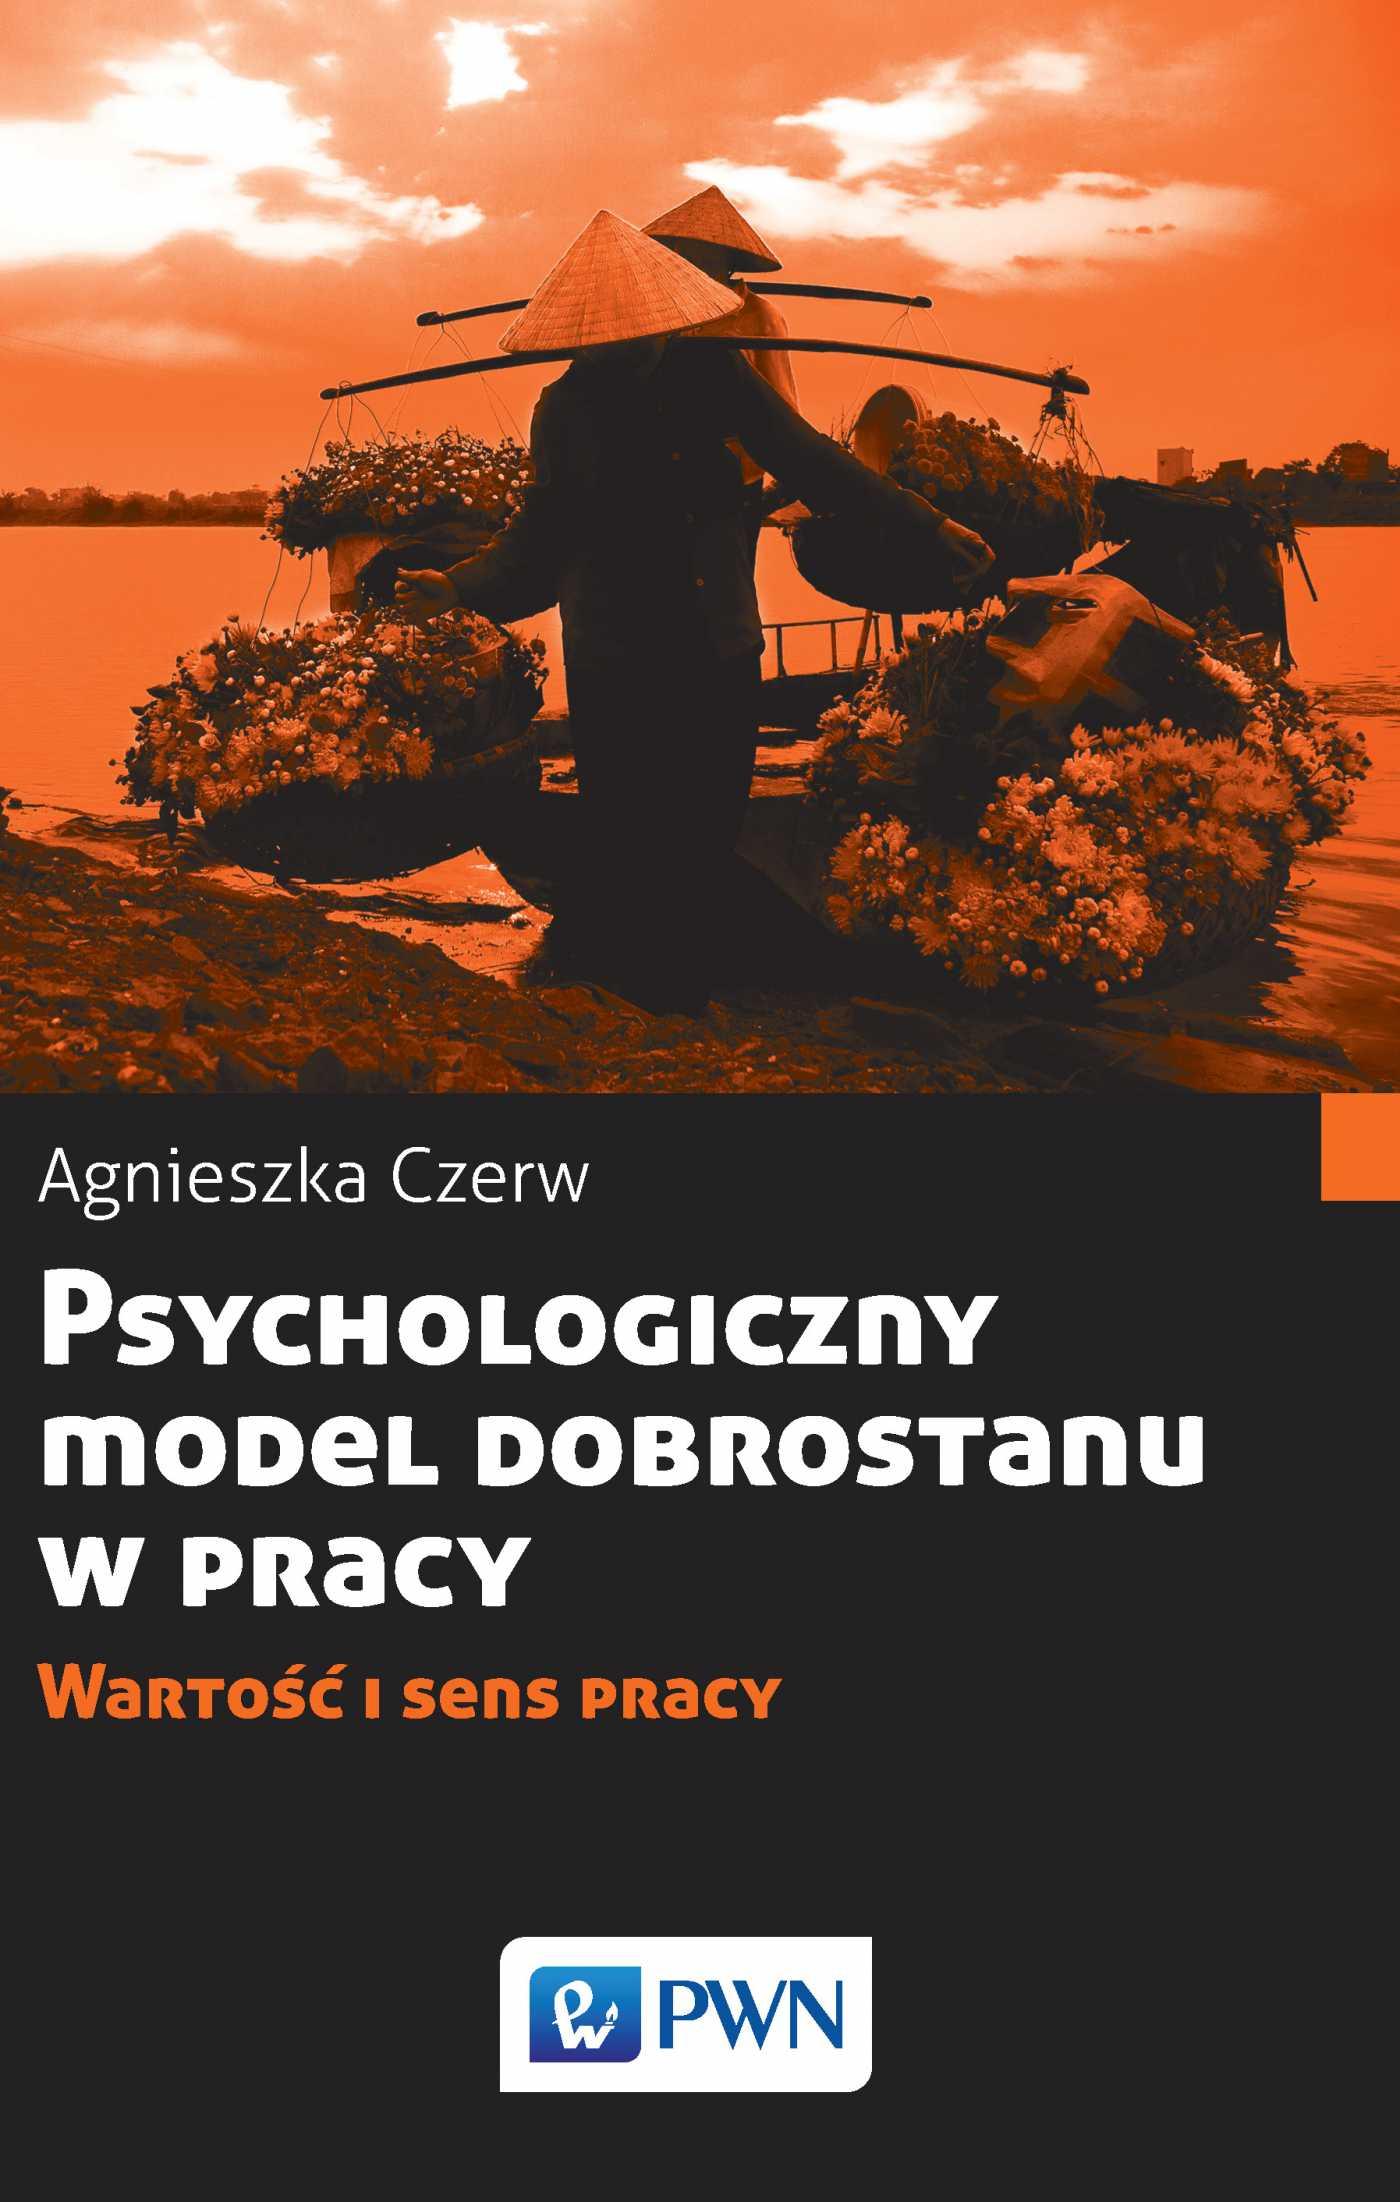 Psychologiczny model dobrostanu w pracy - Ebook (Książka EPUB) do pobrania w formacie EPUB